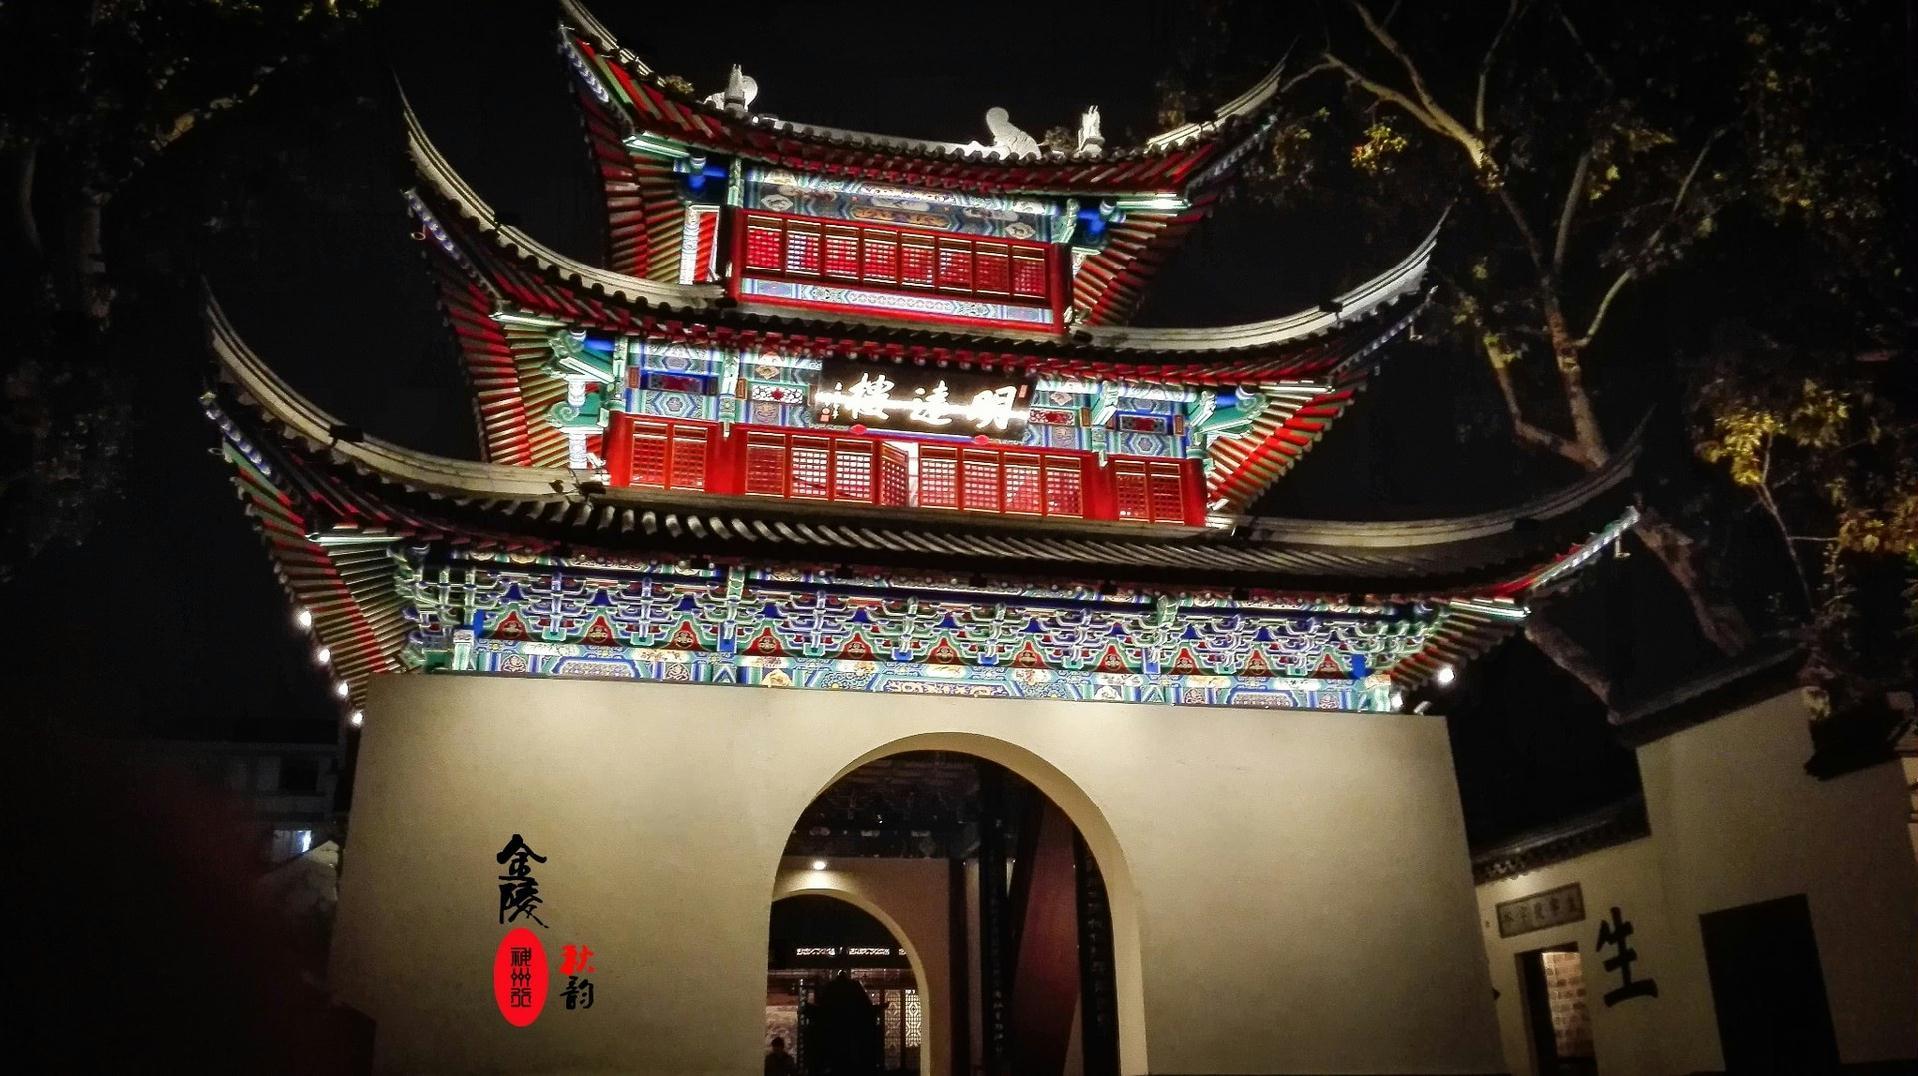 我的江苏南京之行(十六)——即将进入十一月的栖霞山之红叶谷